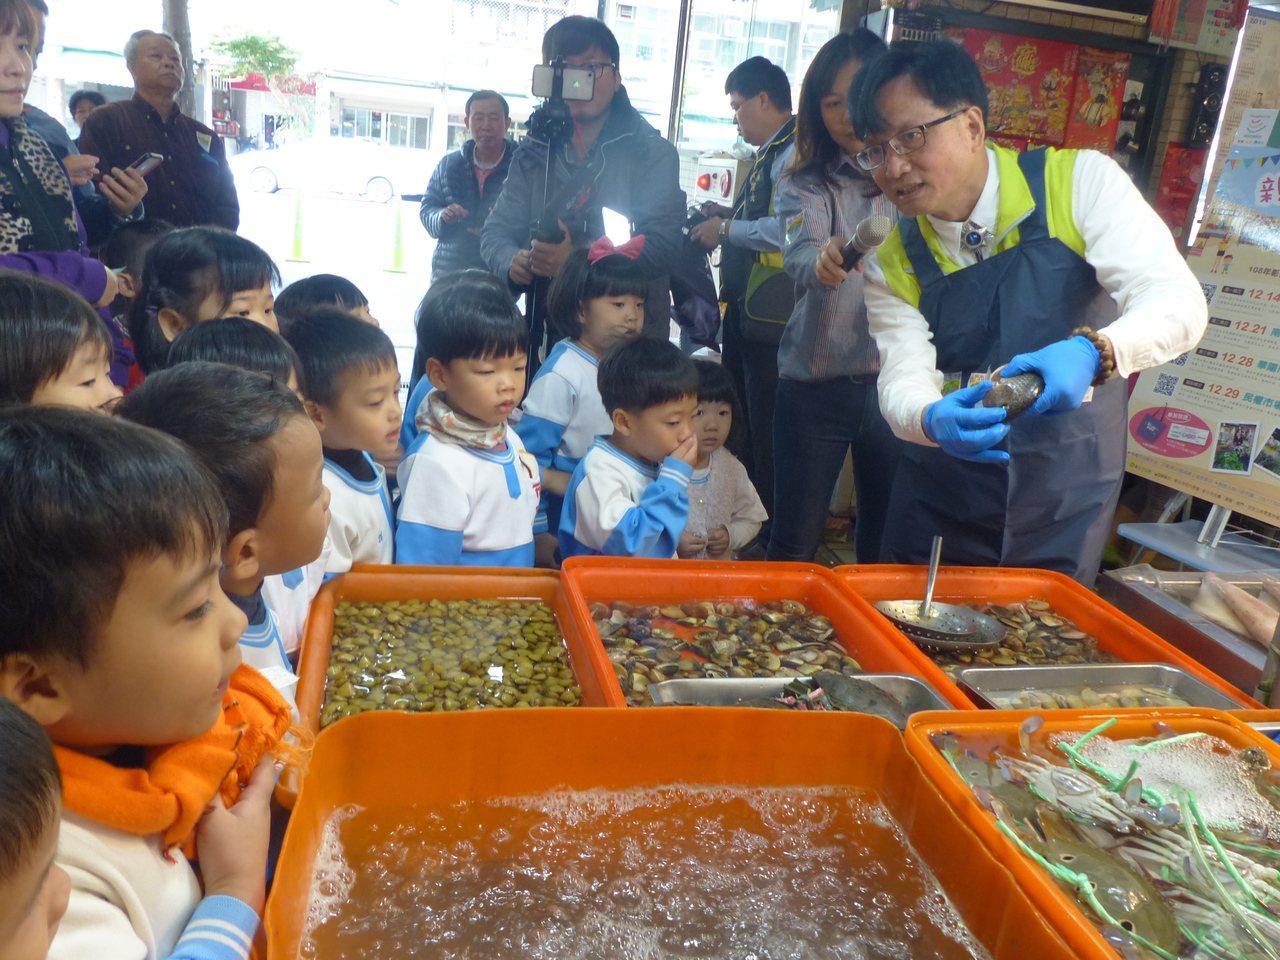 彰化市長林世賢教導小朋友如何選購鮮魚。記者劉明岩/攝影